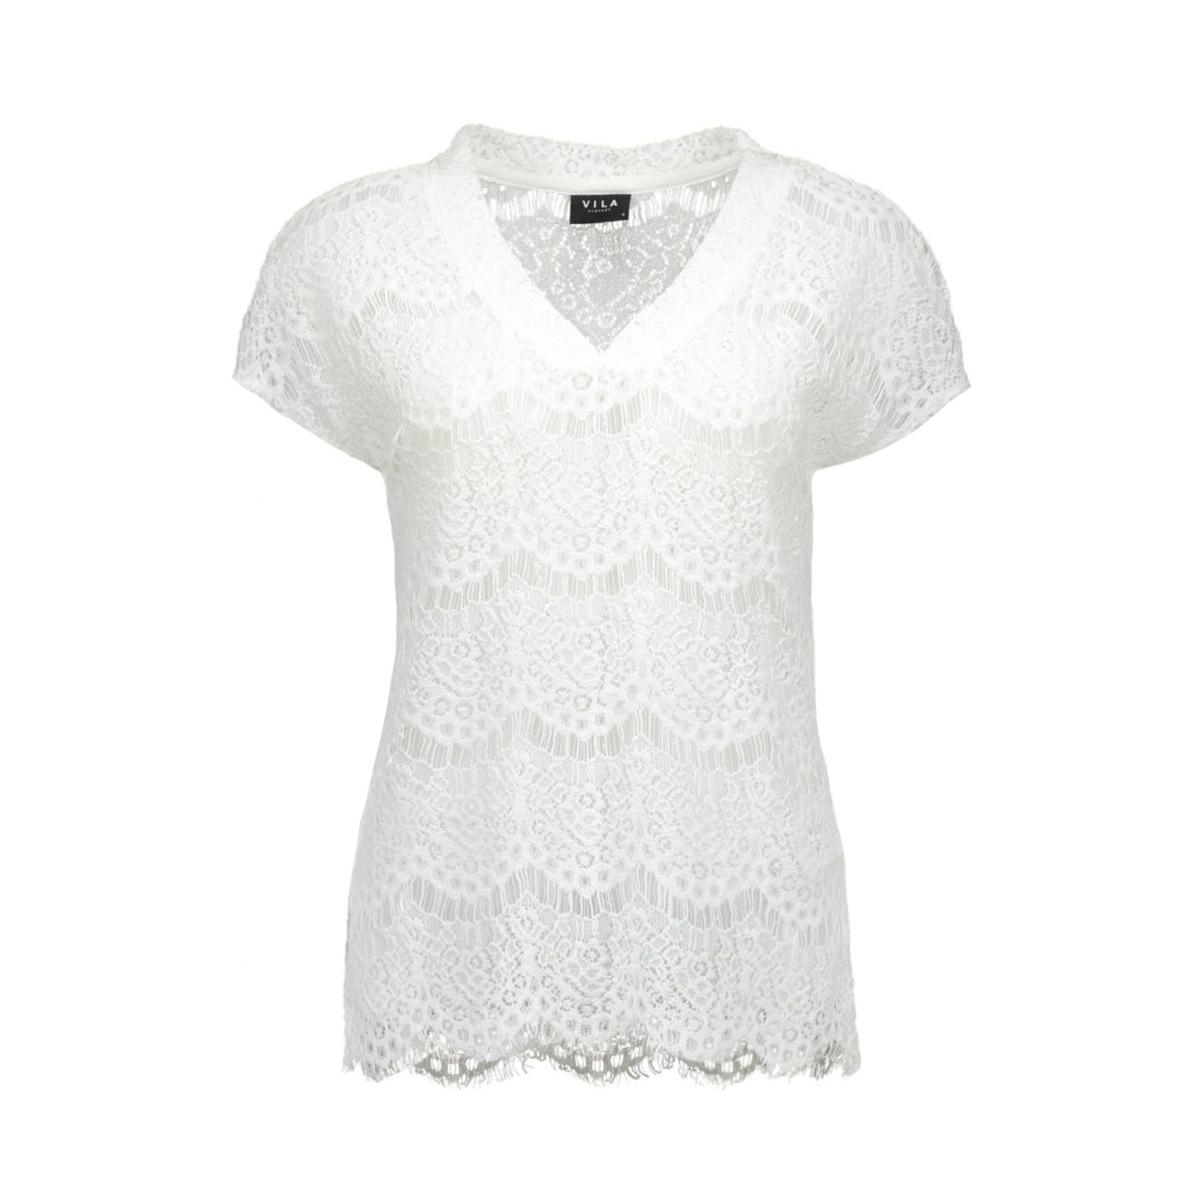 viamira top tb 14036480 vila t-shirt snow white